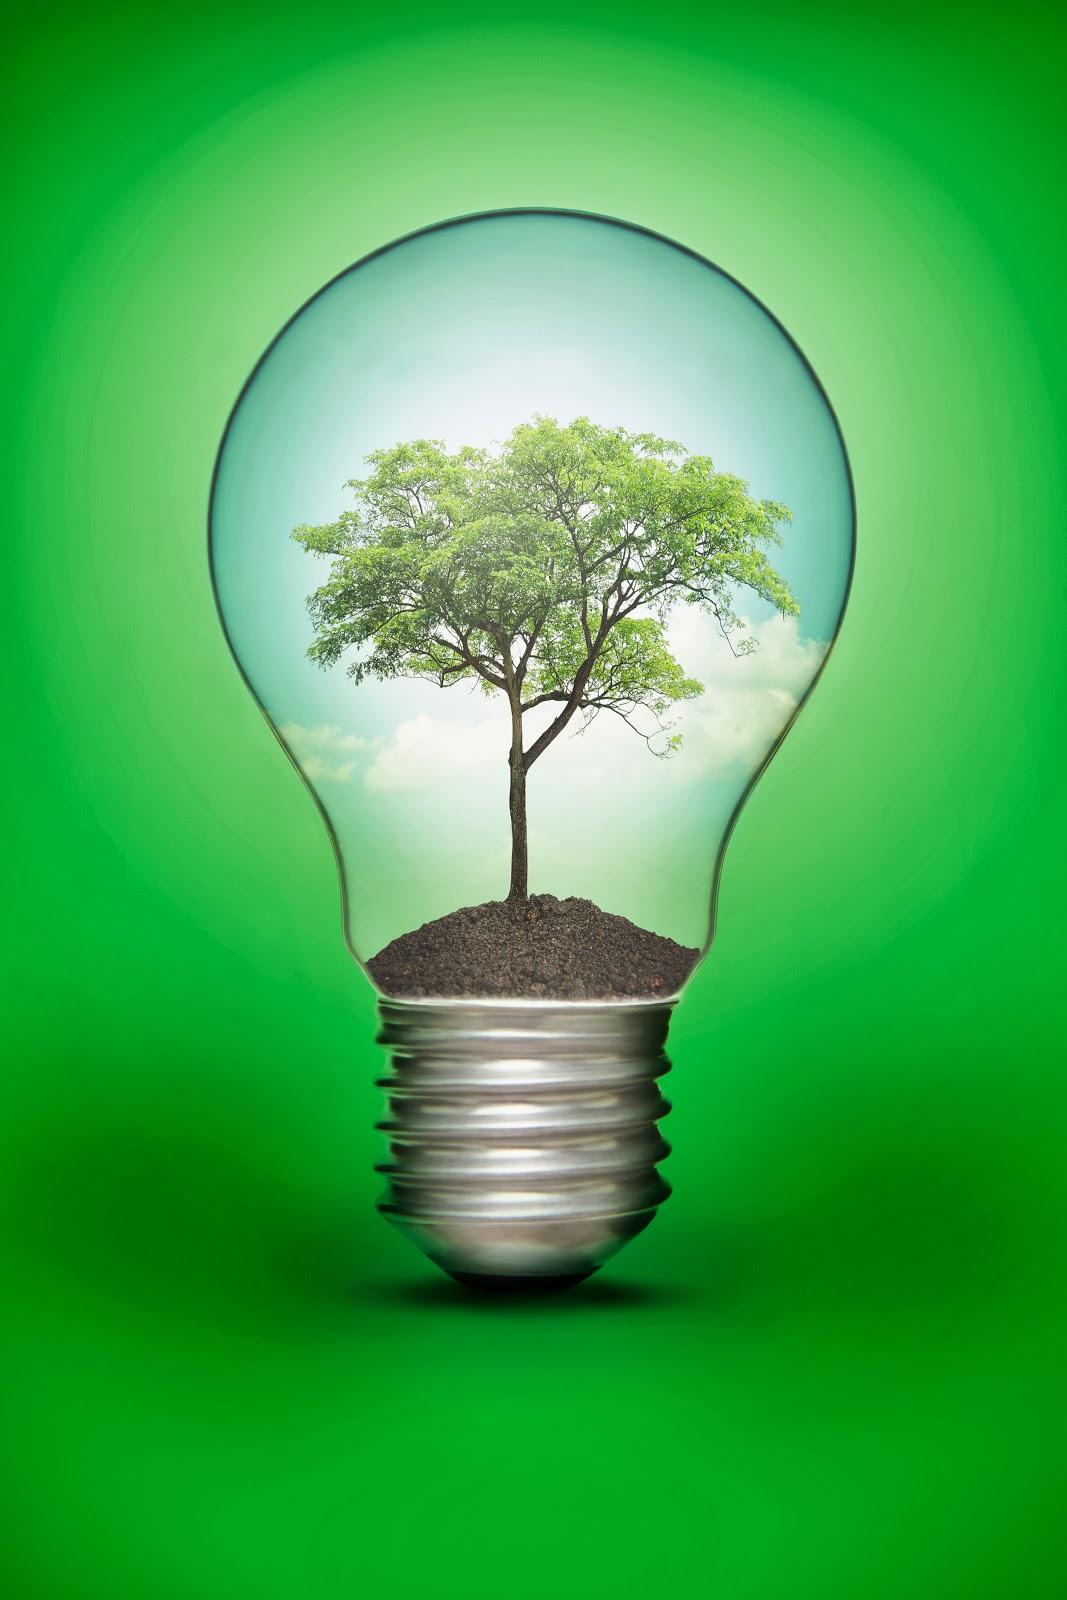 Iluminare verde